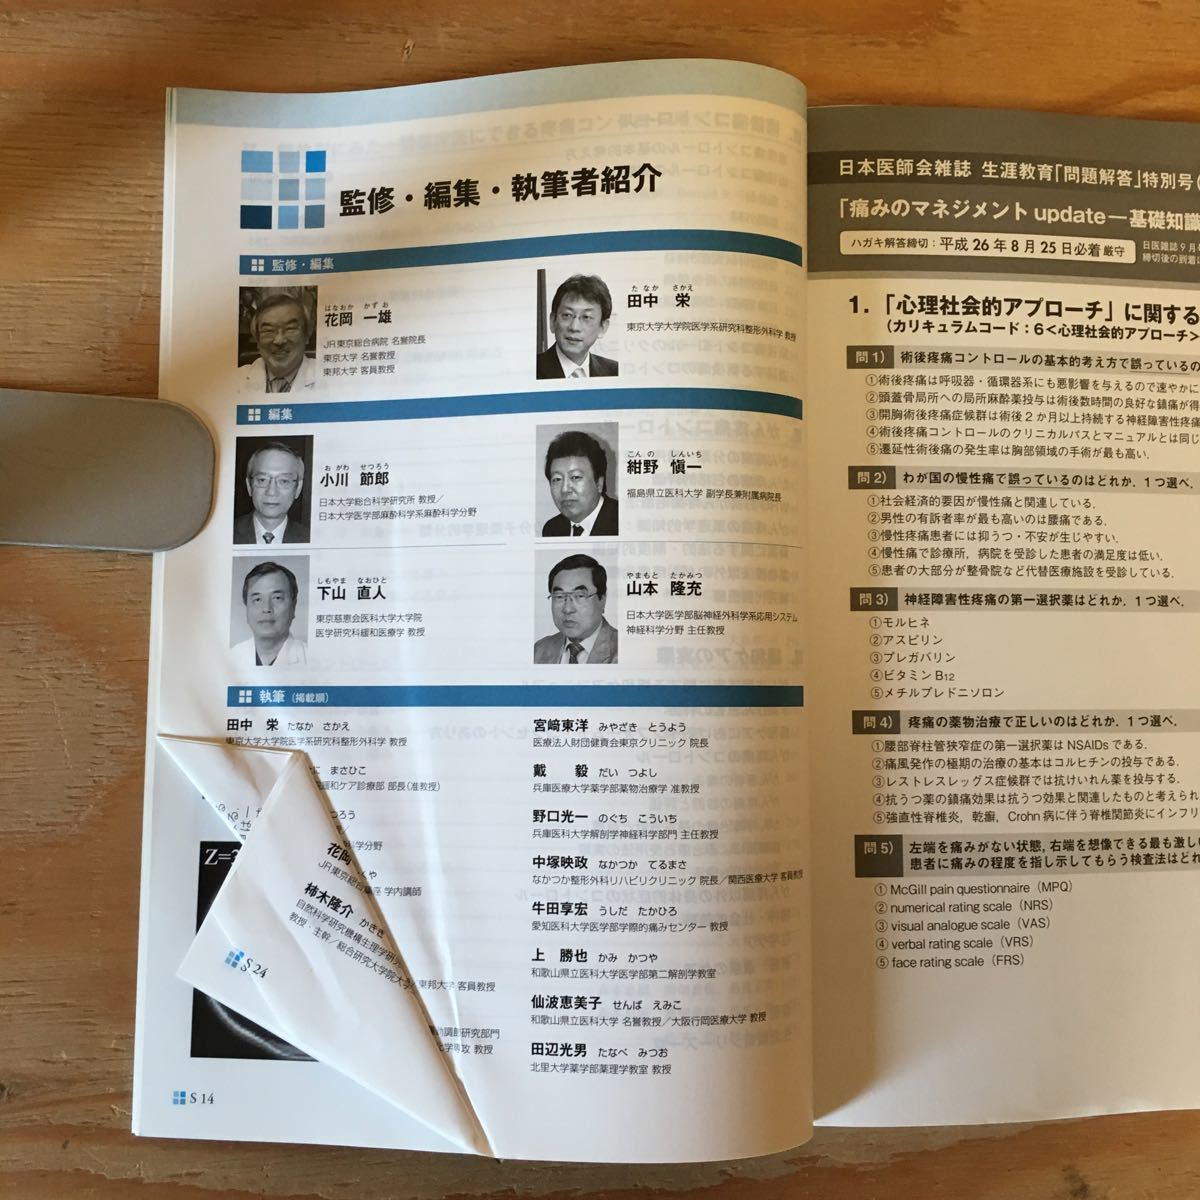 Y3FKD-200703 レア[痛みのマネジメント 基礎知識から緩和ケアまで 日本医師会雑誌 第143巻 特別号(1) 生涯教育シリーズ86]カプサイシン_画像4